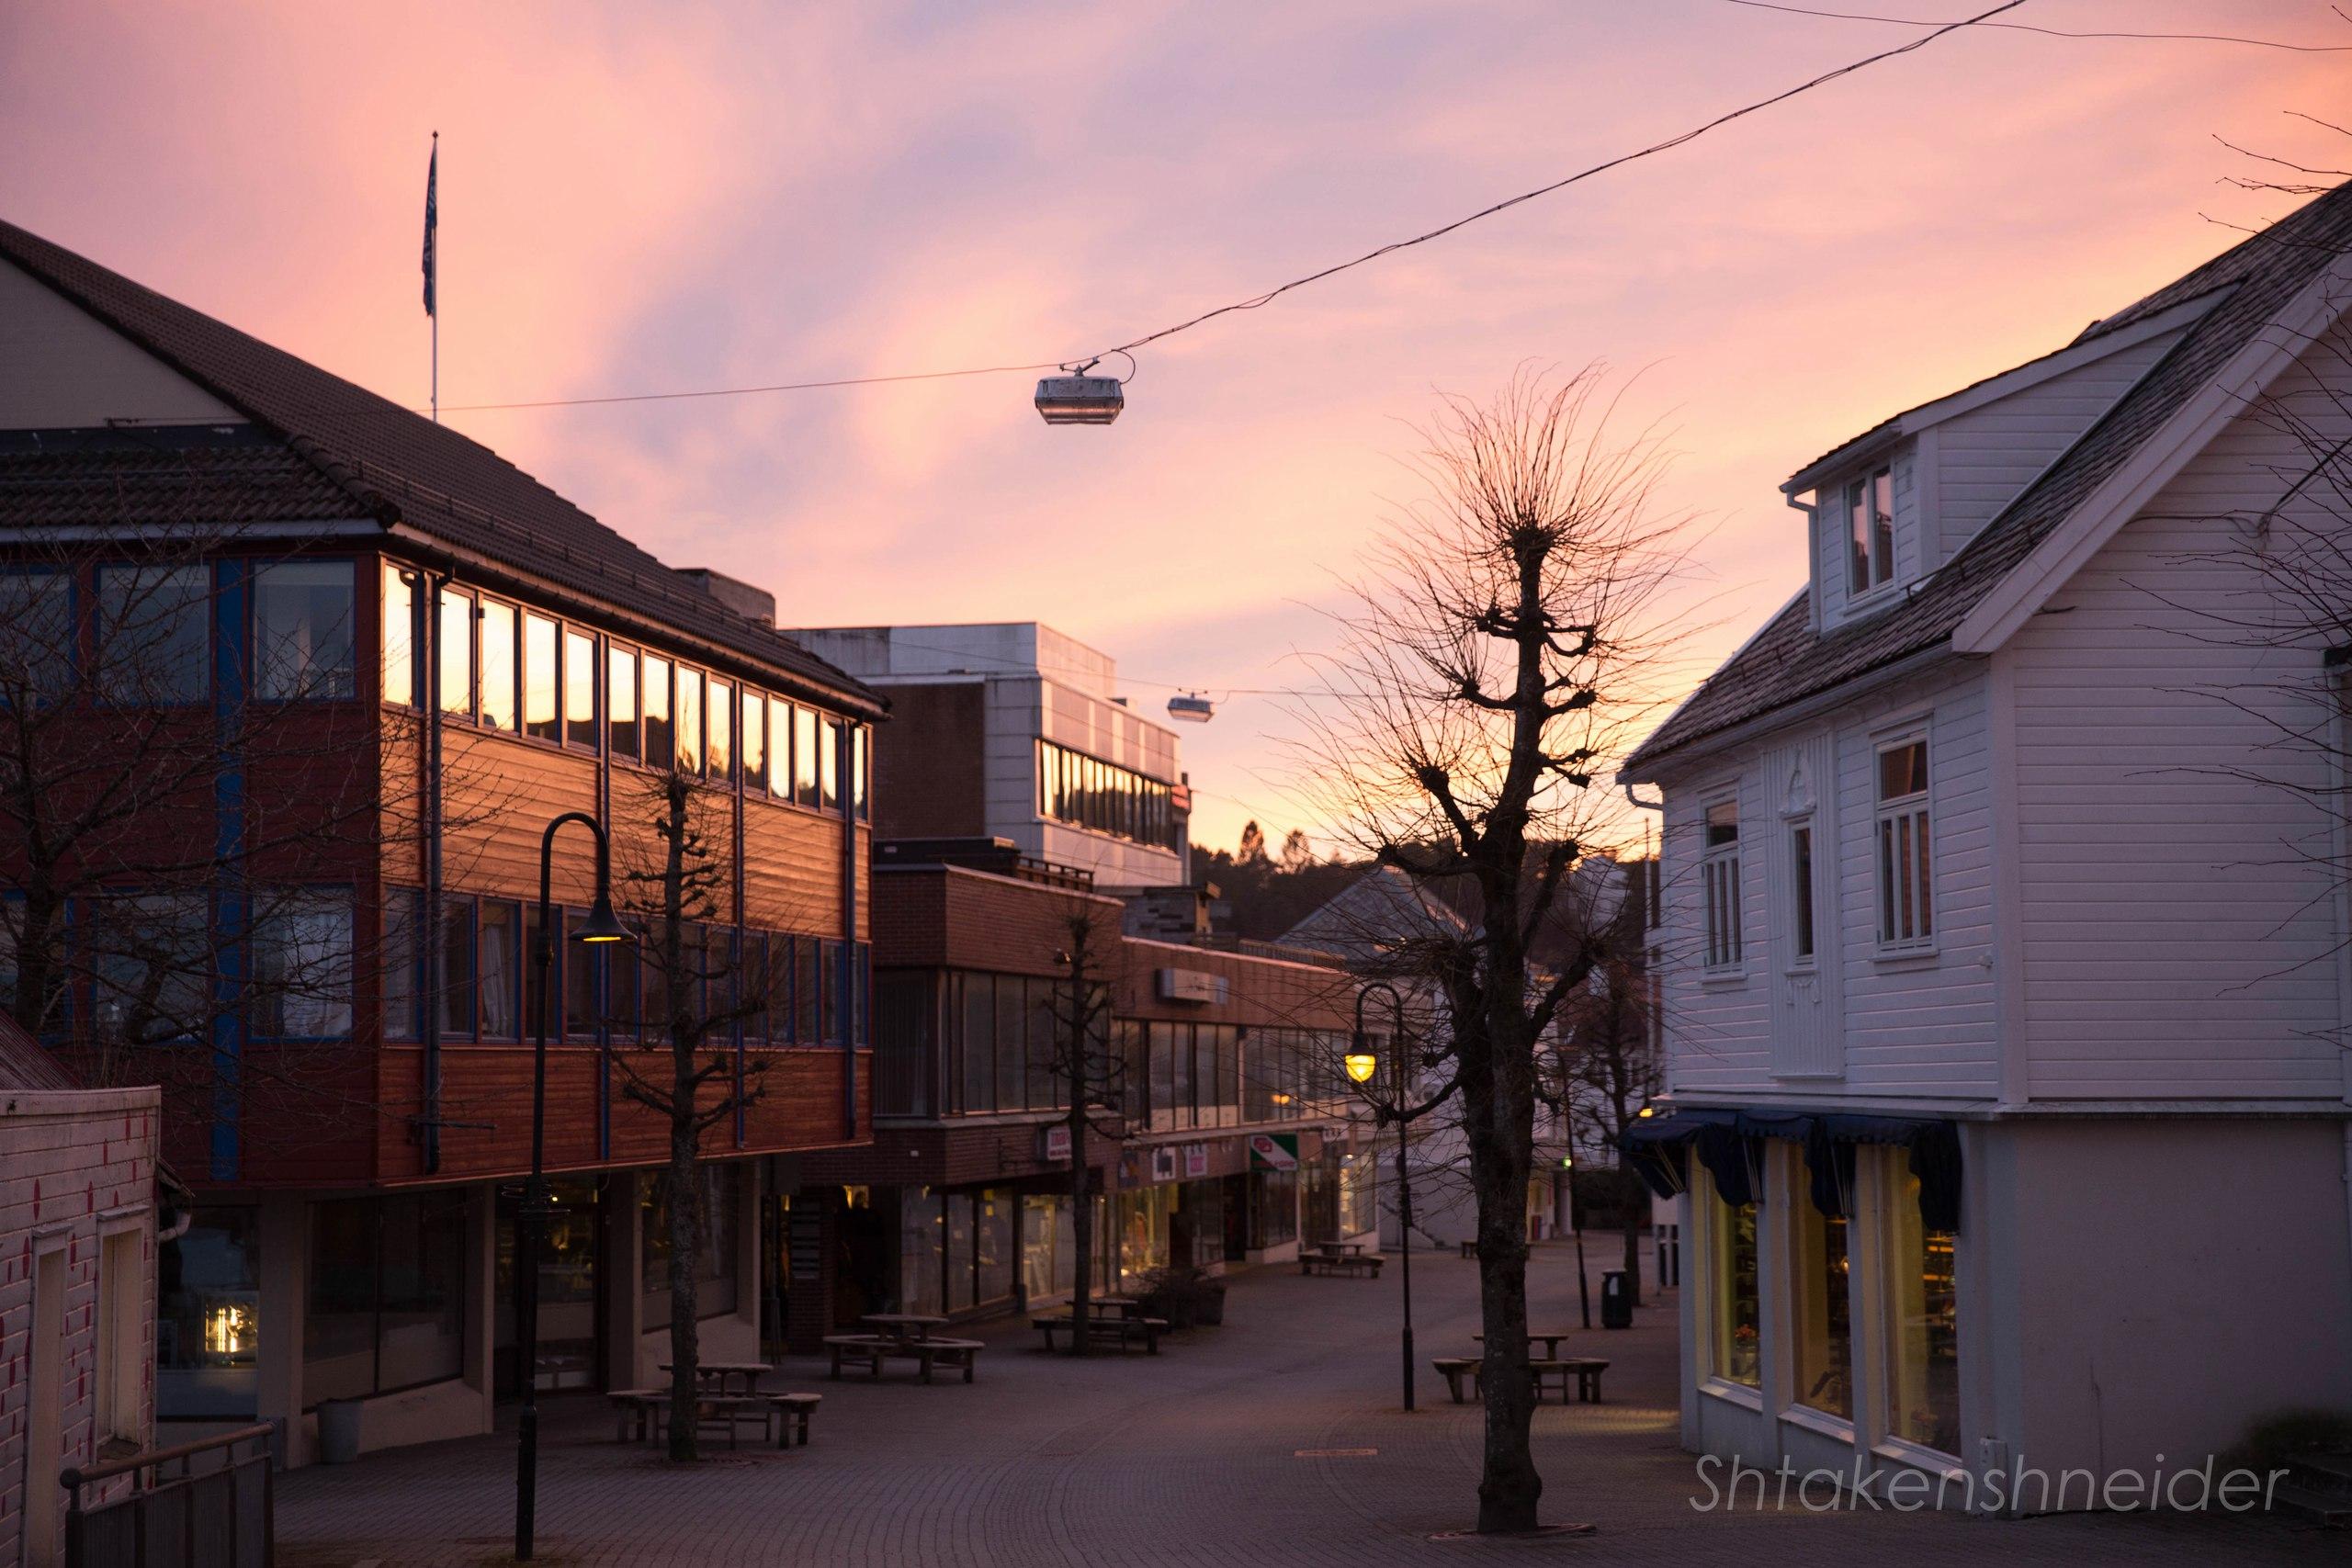 Фото Лейрвика, Норвегия